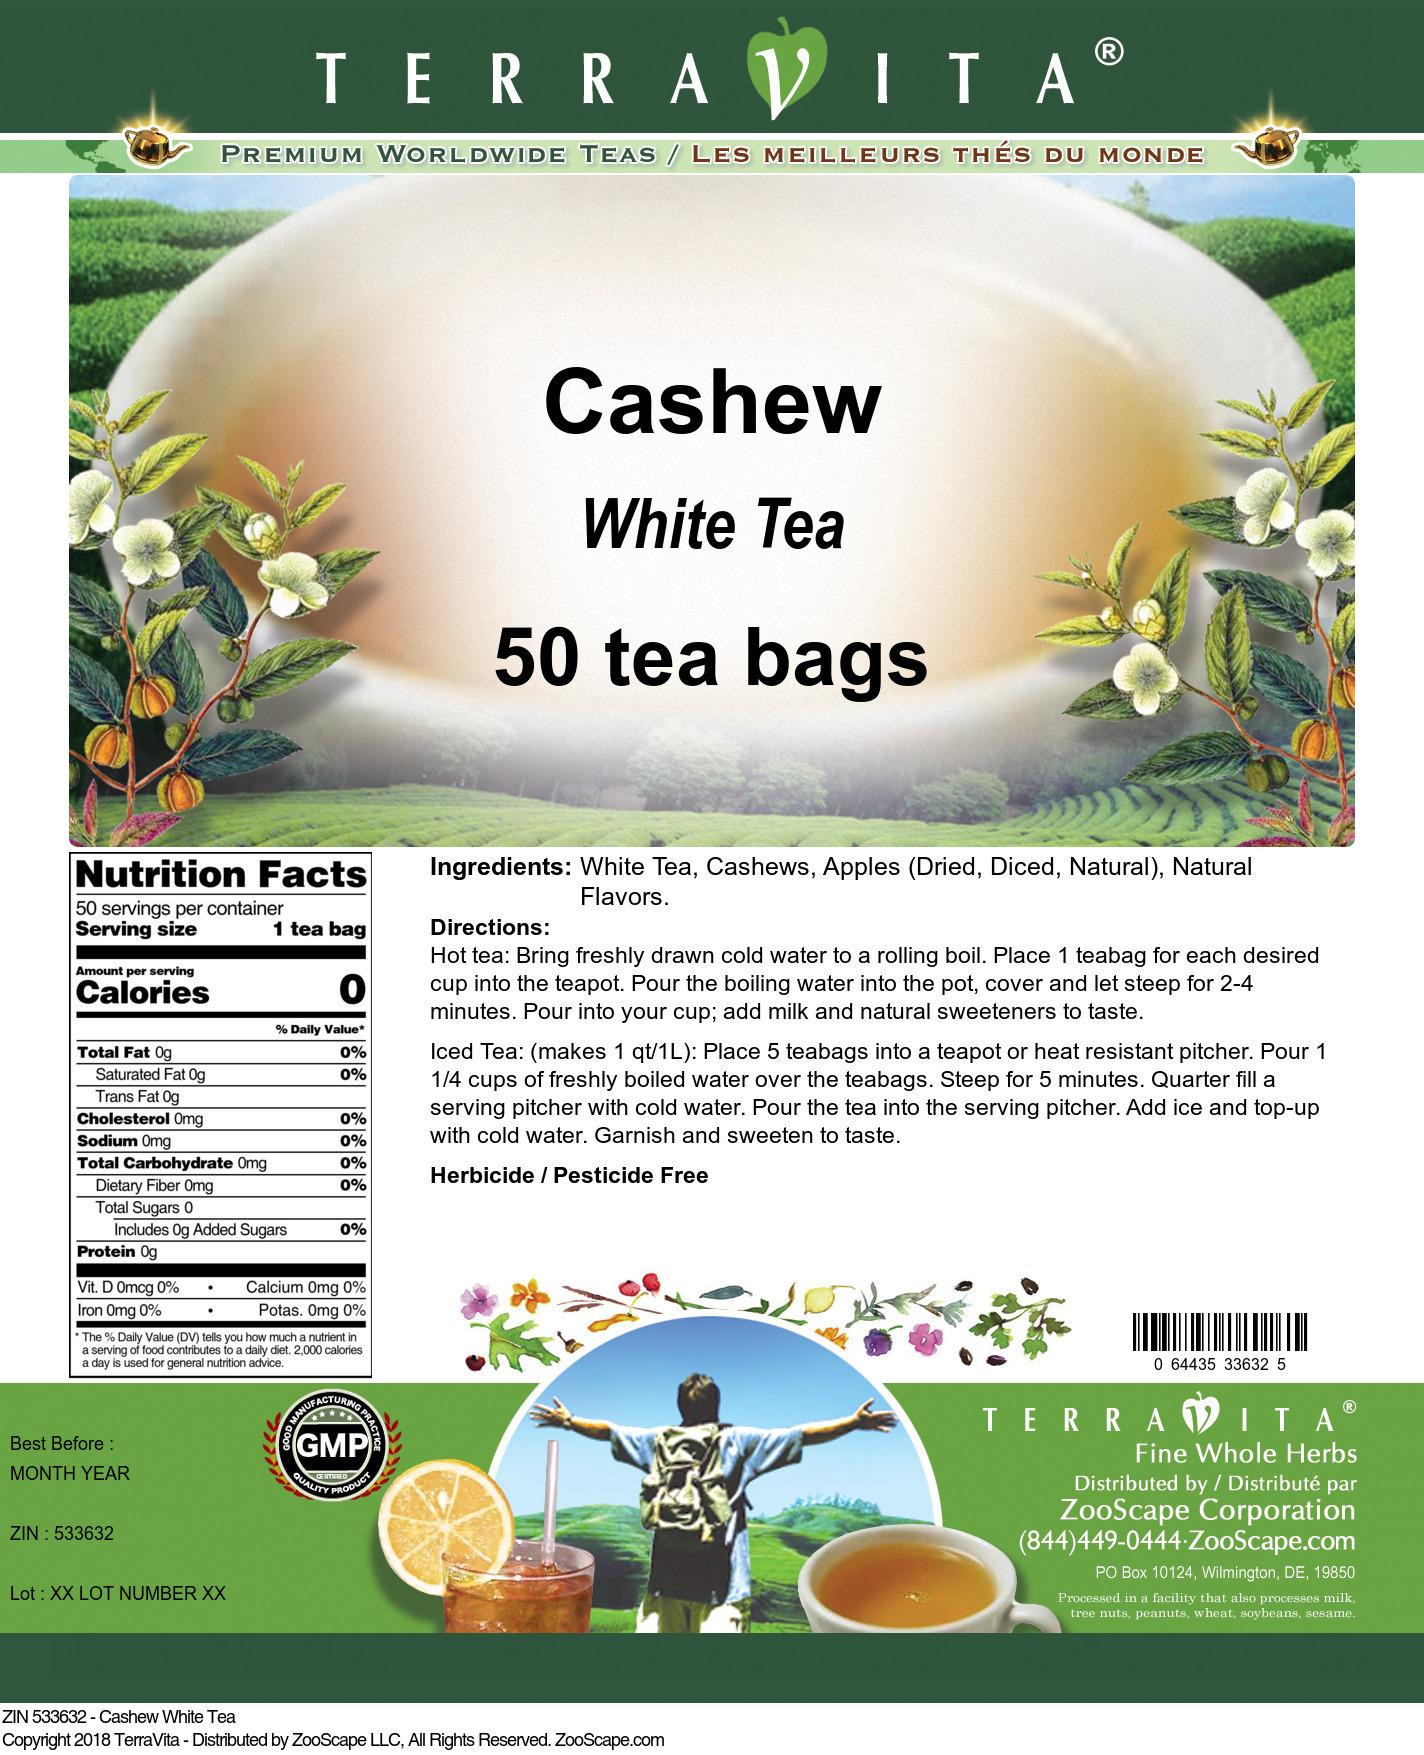 Cashew White Tea